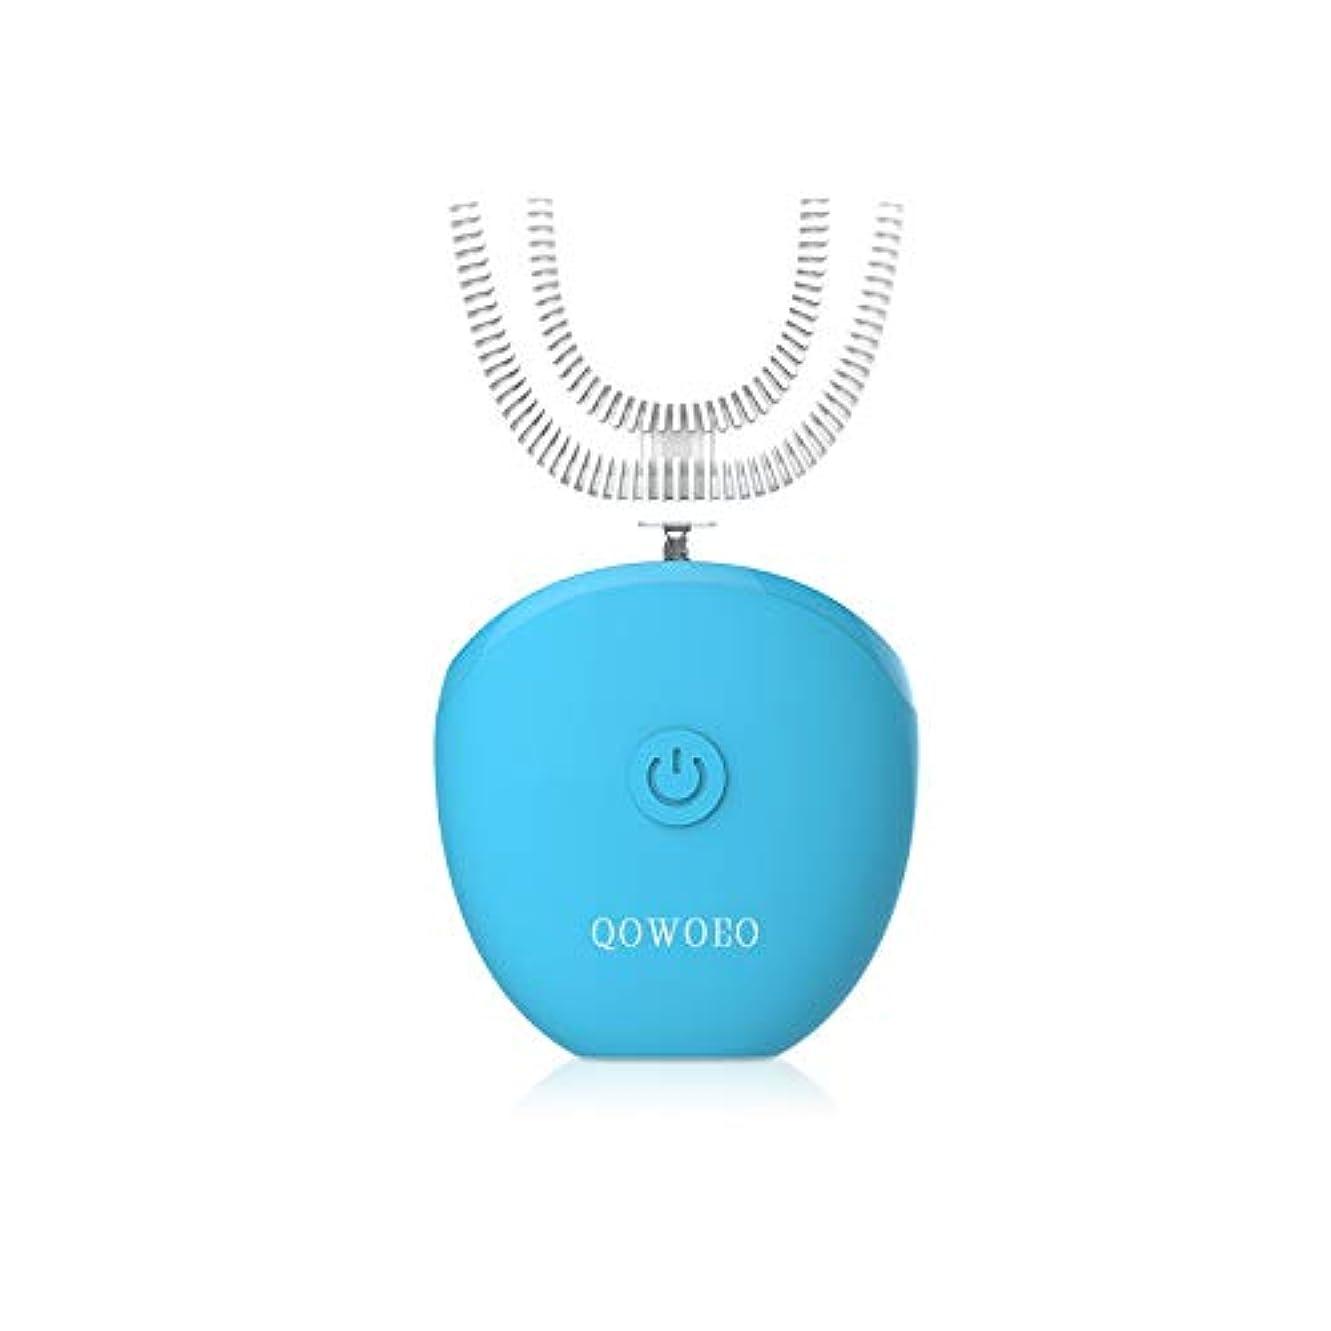 ちょうつがい黙商人U字型360°電動超音波歯ブラシ、超音波プッシュボタン誘導電動歯ブラシ全自動怠惰な歯ブラシ、青